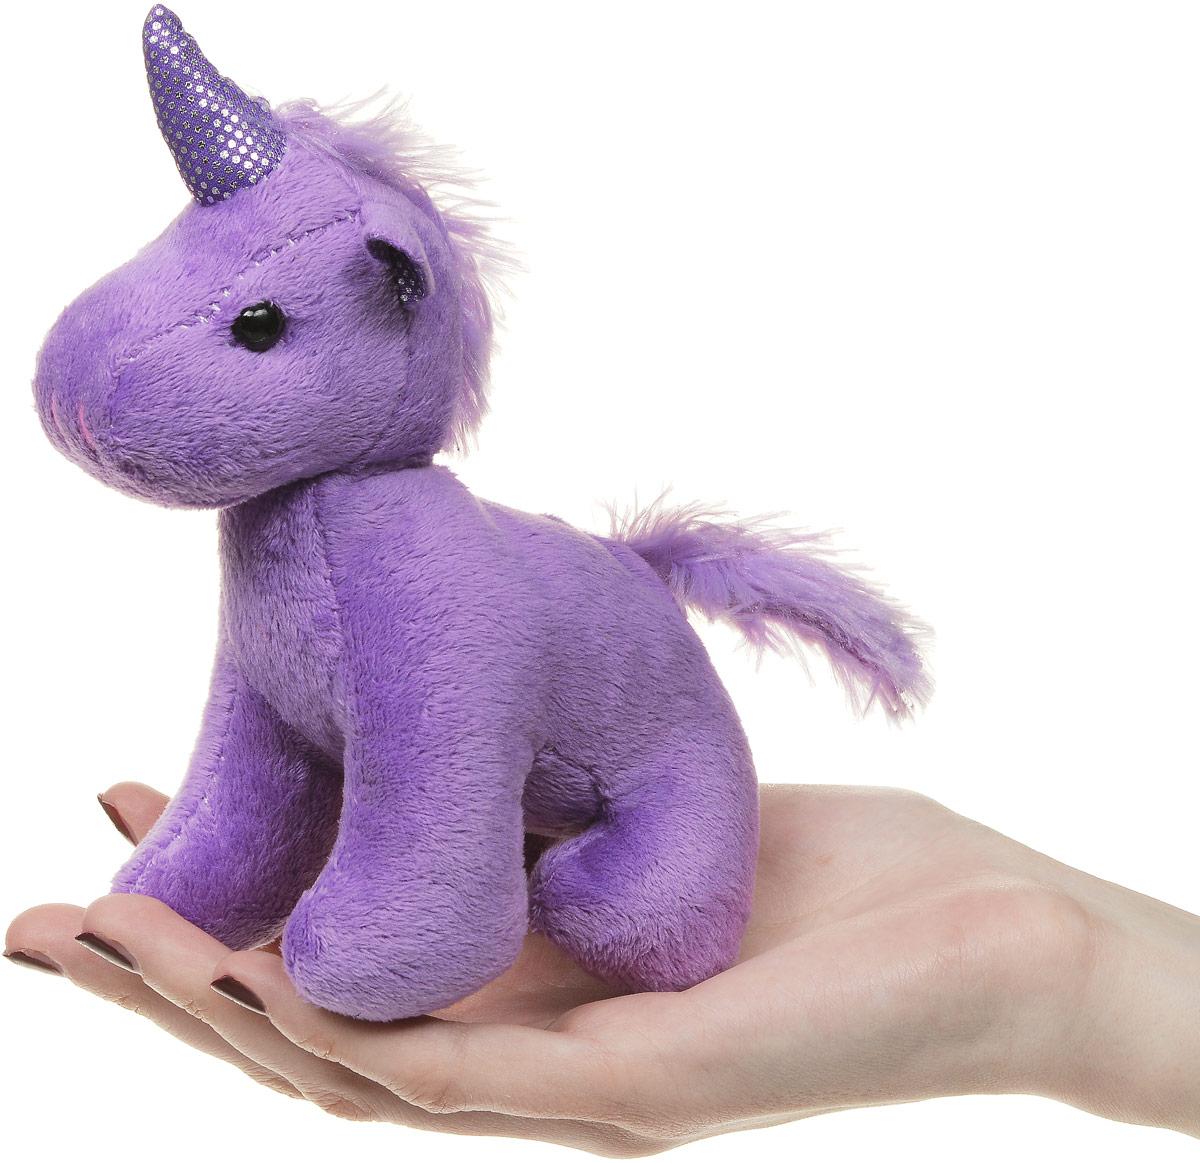 ABtoysМягкая игрушка Единорог цвет фиолетовый 12 см ABtoys